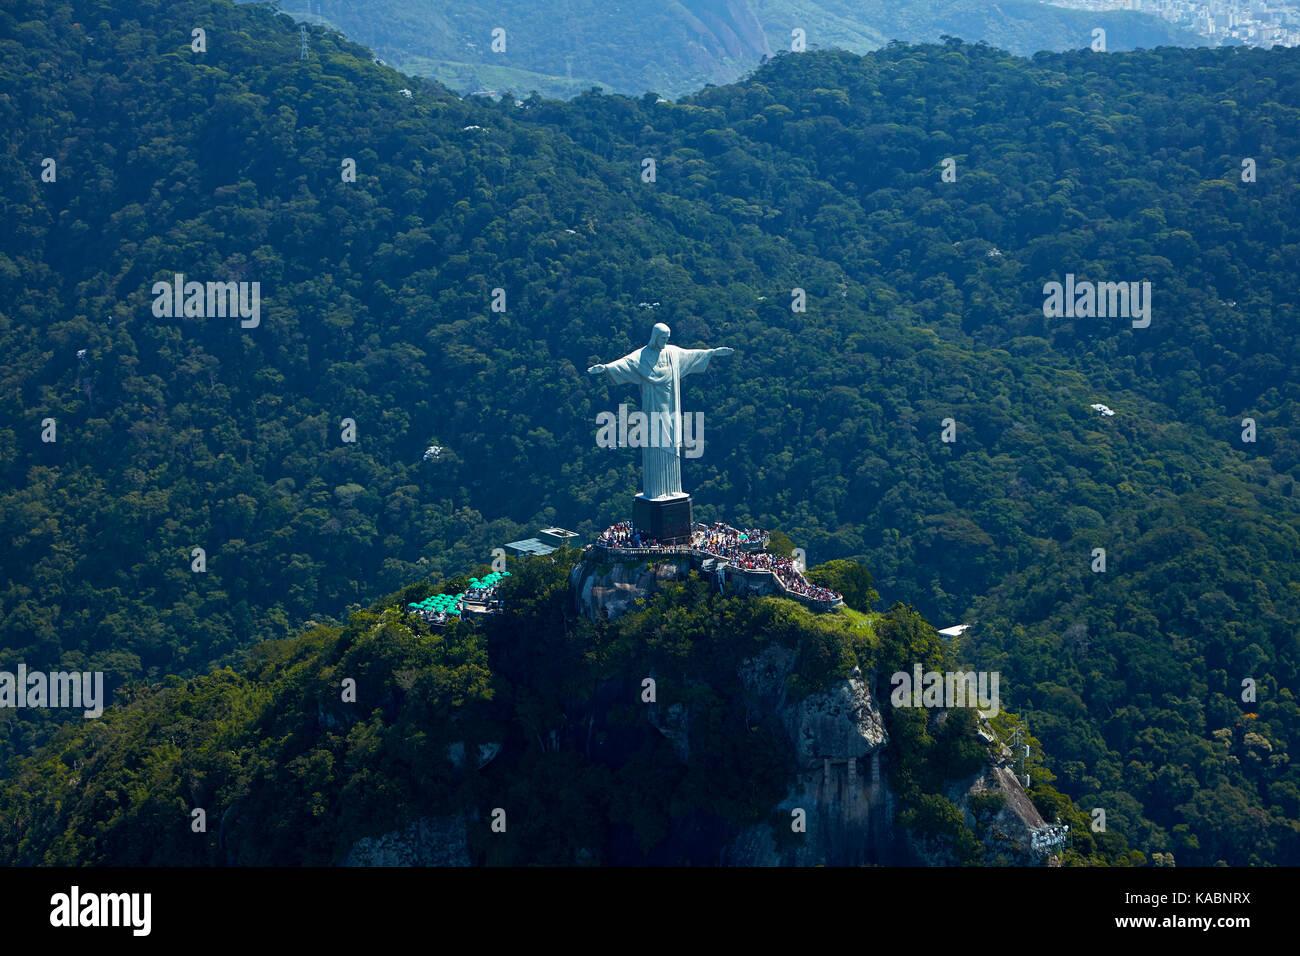 Gigantesca statua del Cristo Redentore in cima corcovado rio de janeiro, Brasile, Sud America - aerial Immagini Stock